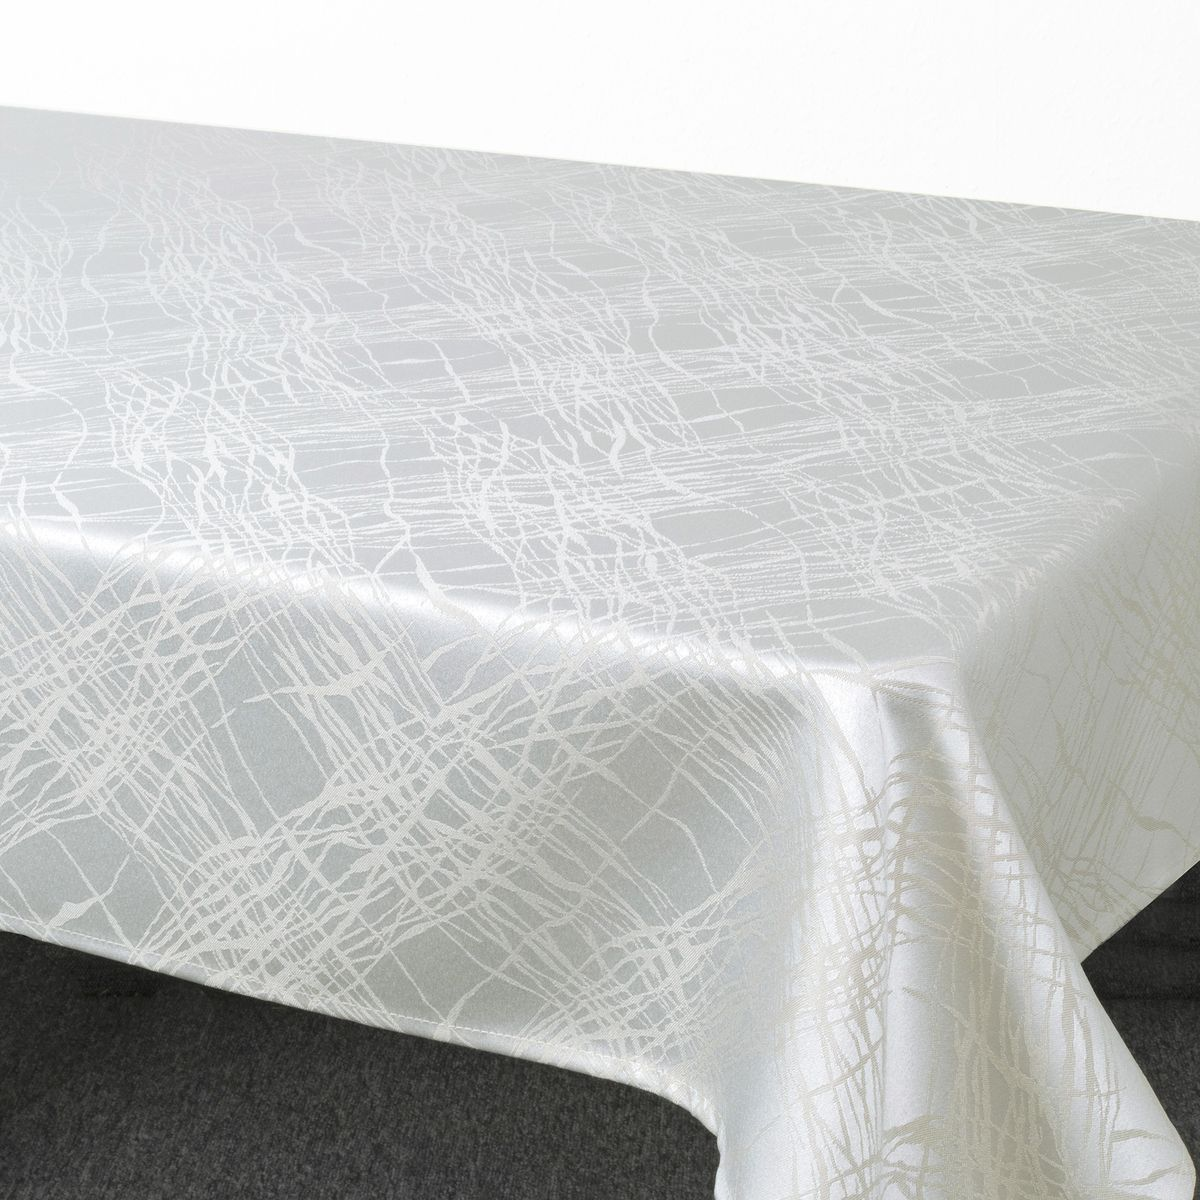 Скатерть Schaefer, прямоугольная, цвет: серый, 130 х 170 см. 07813-429VT-1520(SR)Стильная скатерть Schaefer выполнена из полиэстера.Изделия из полиэстера легко стирать: они не мнутся, не садятся и быстро сохнут, они более долговечны, чем изделия из натуральных волокон.Немецкая компания Schaefer создана в 1921 году. На протяжении всего времени существования она создает уникальные коллекции домашнего текстиля для гостиных, спален, кухонь и ванных комнат. Дизайнерские идеи немецких художников компании Schaefer воплощаются в текстильных изделиях, которые сделают ваш дом красивее и уютнее и не останутся незамеченными вашими гостями. Дарите себе и близким красоту каждый день!